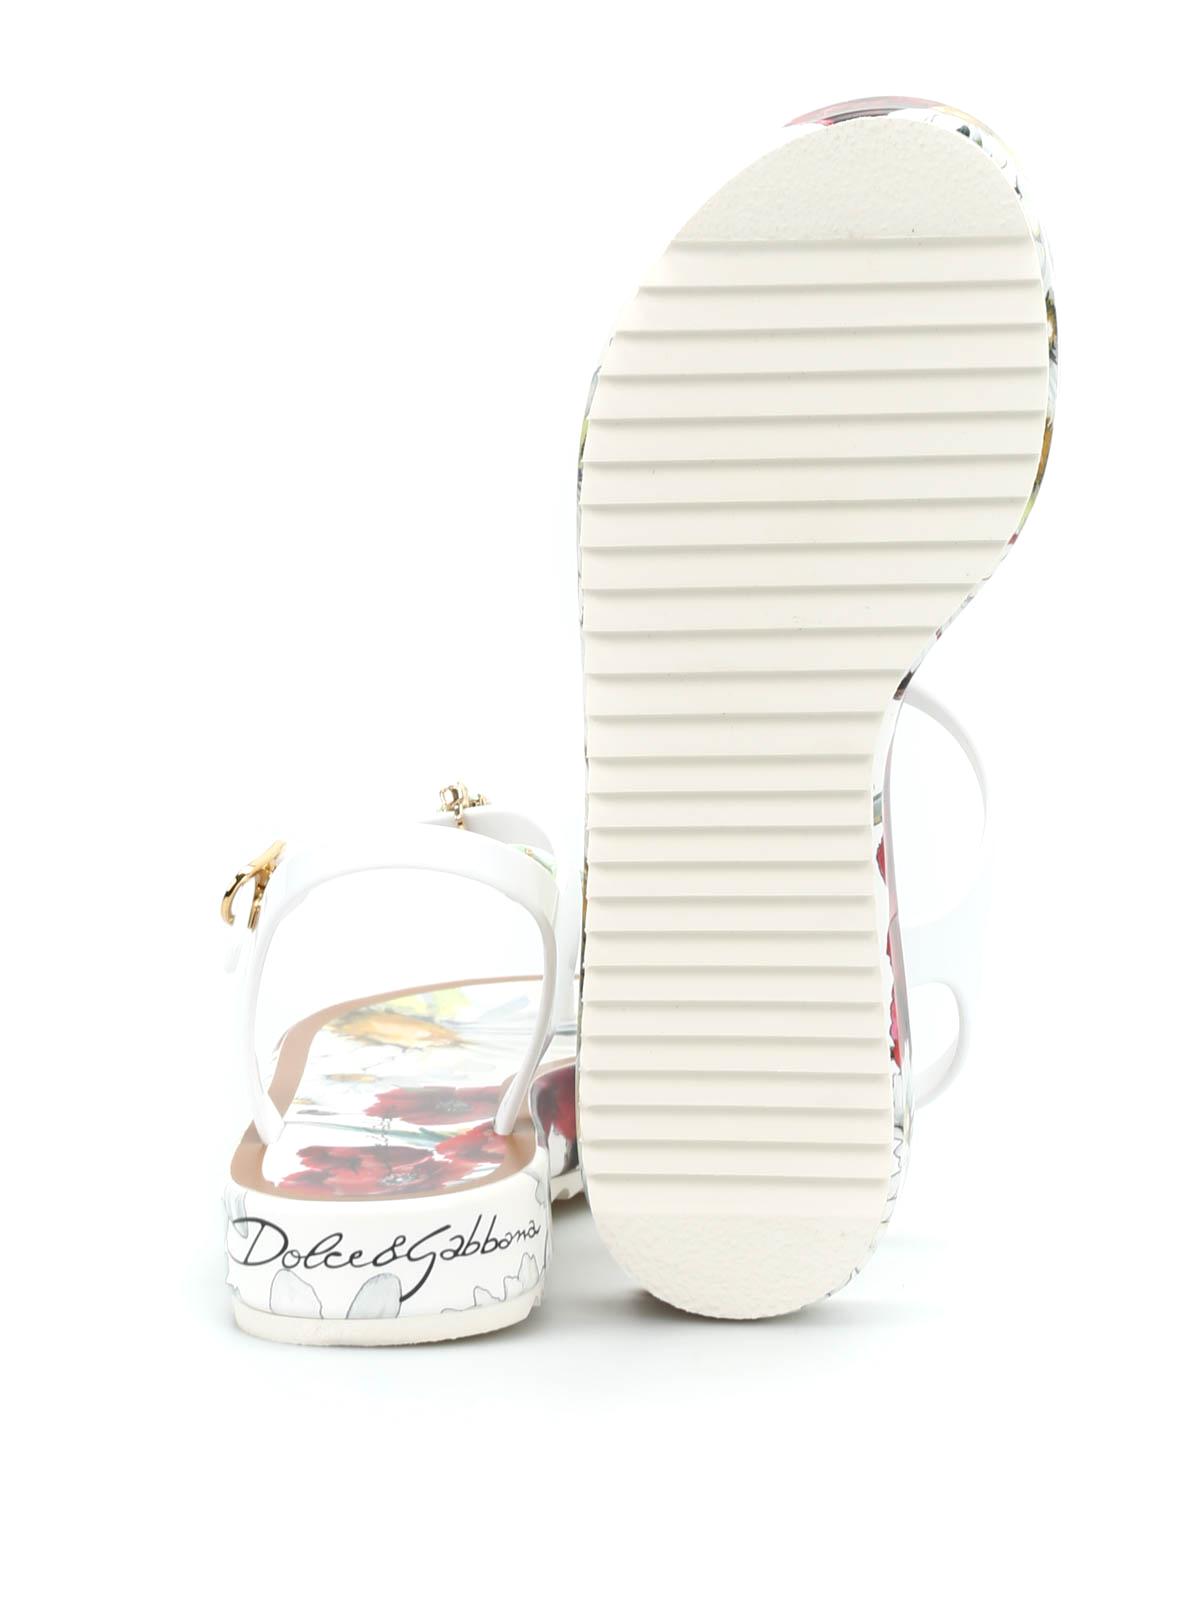 044ff59b8c9e Dolce   Gabbana - Beachwear sandals - sandals - CW0035 A4374 80001